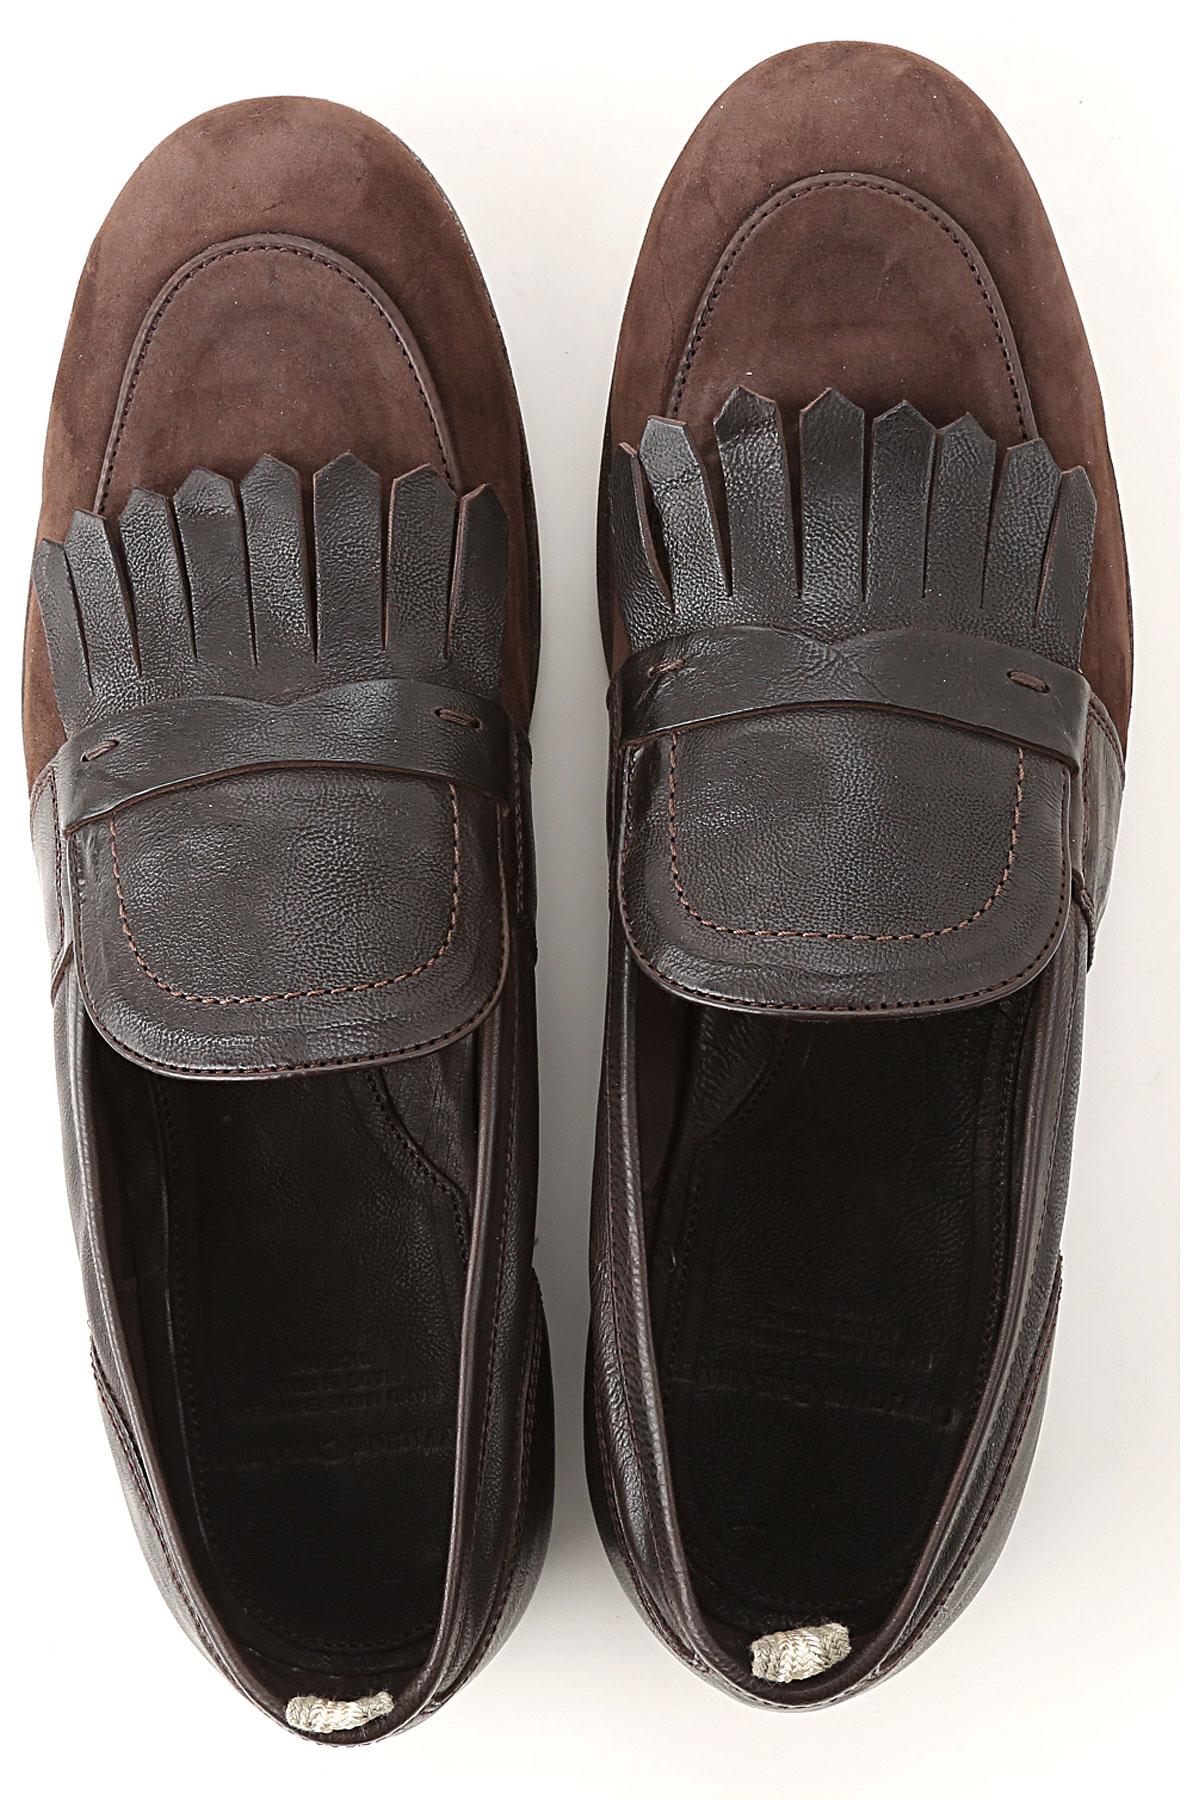 nbsp; Officine Hombres Primavera verano 2019 Creative Chocolate Zapatos Para SgqwTPgA